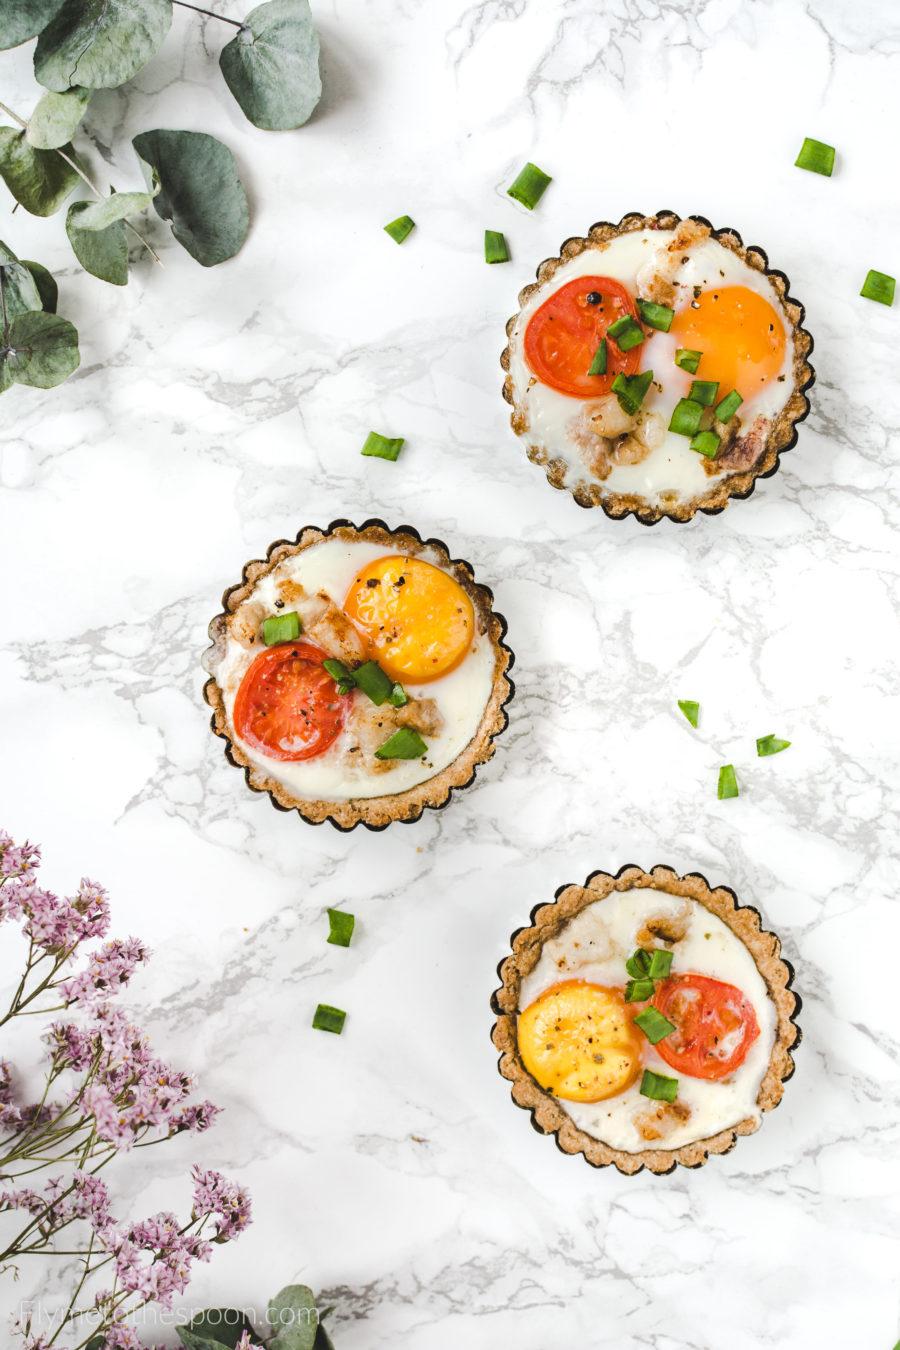 Tartaletki orkiszowe z jajkiem i boczkiem low FODMAP